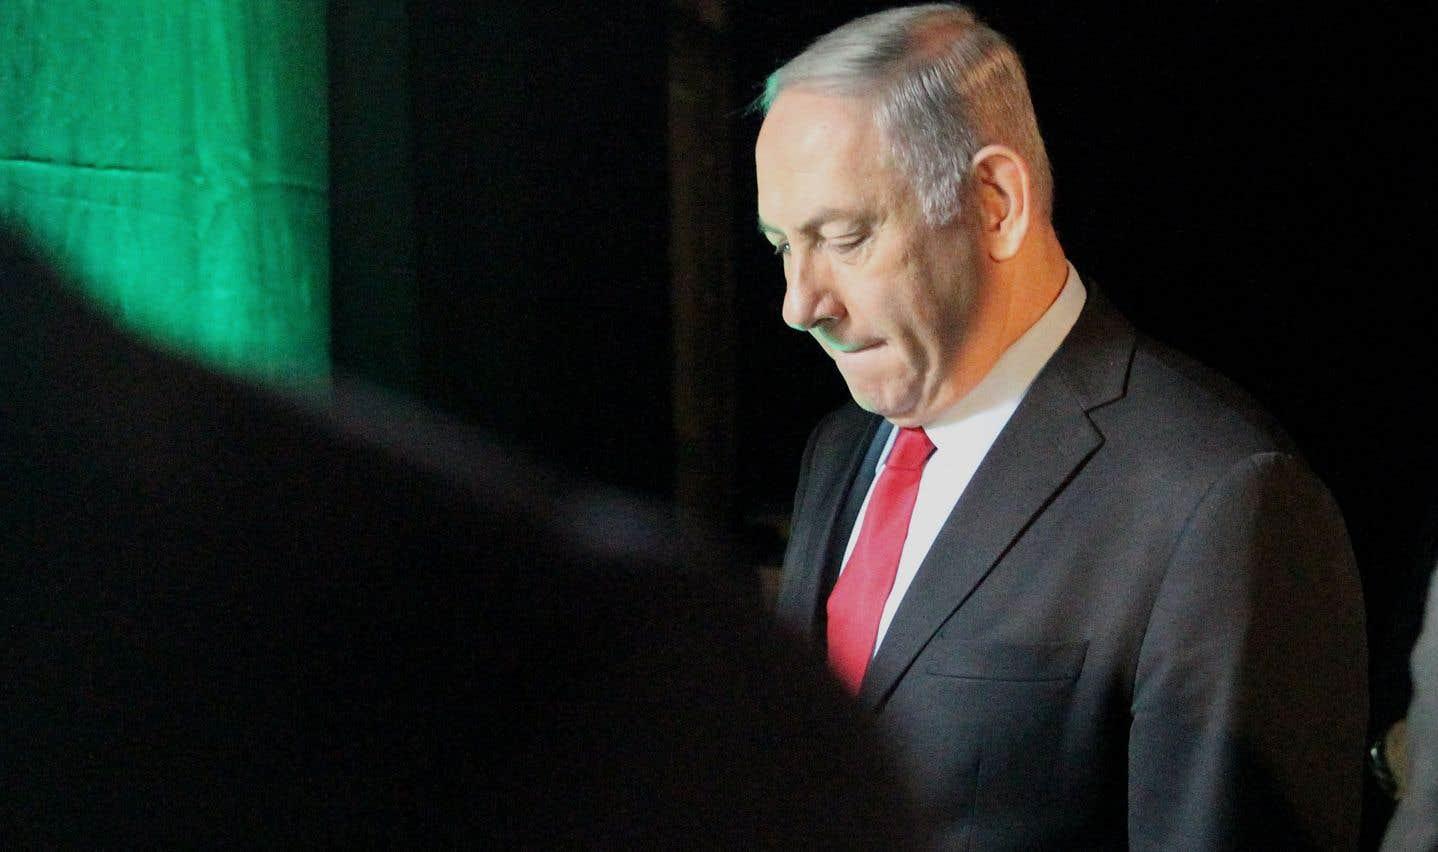 Les preuves sont suffisantes pour inculper le premier ministre israélien, a indiqué la police.